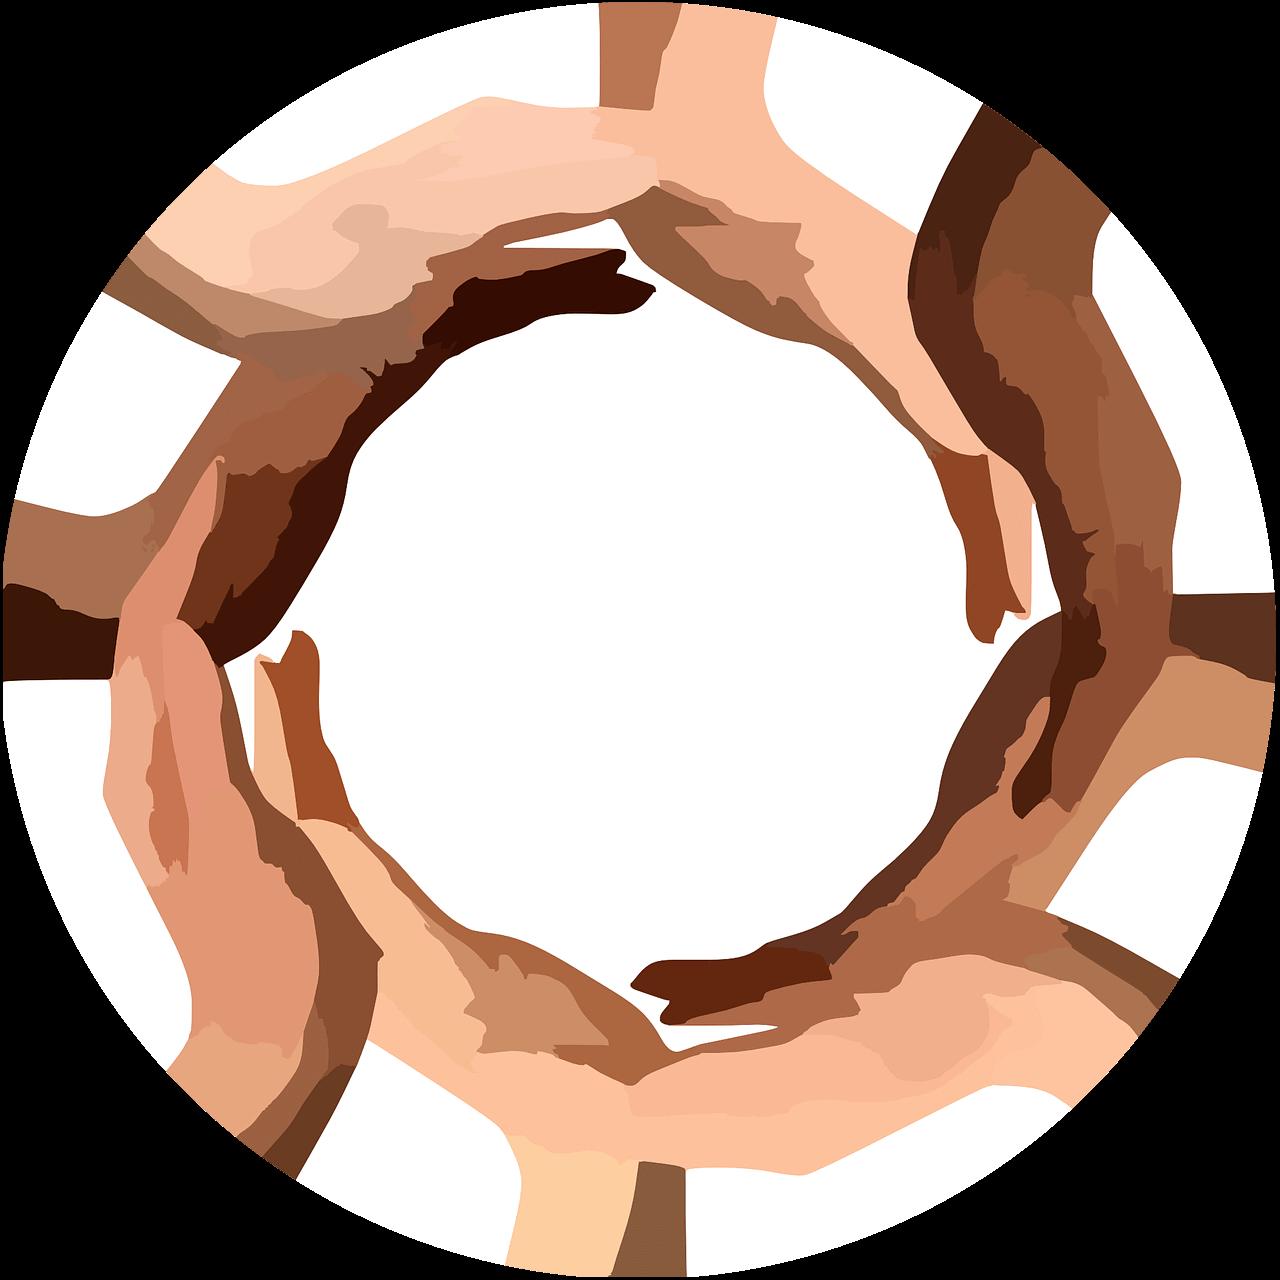 Cirkel av händer